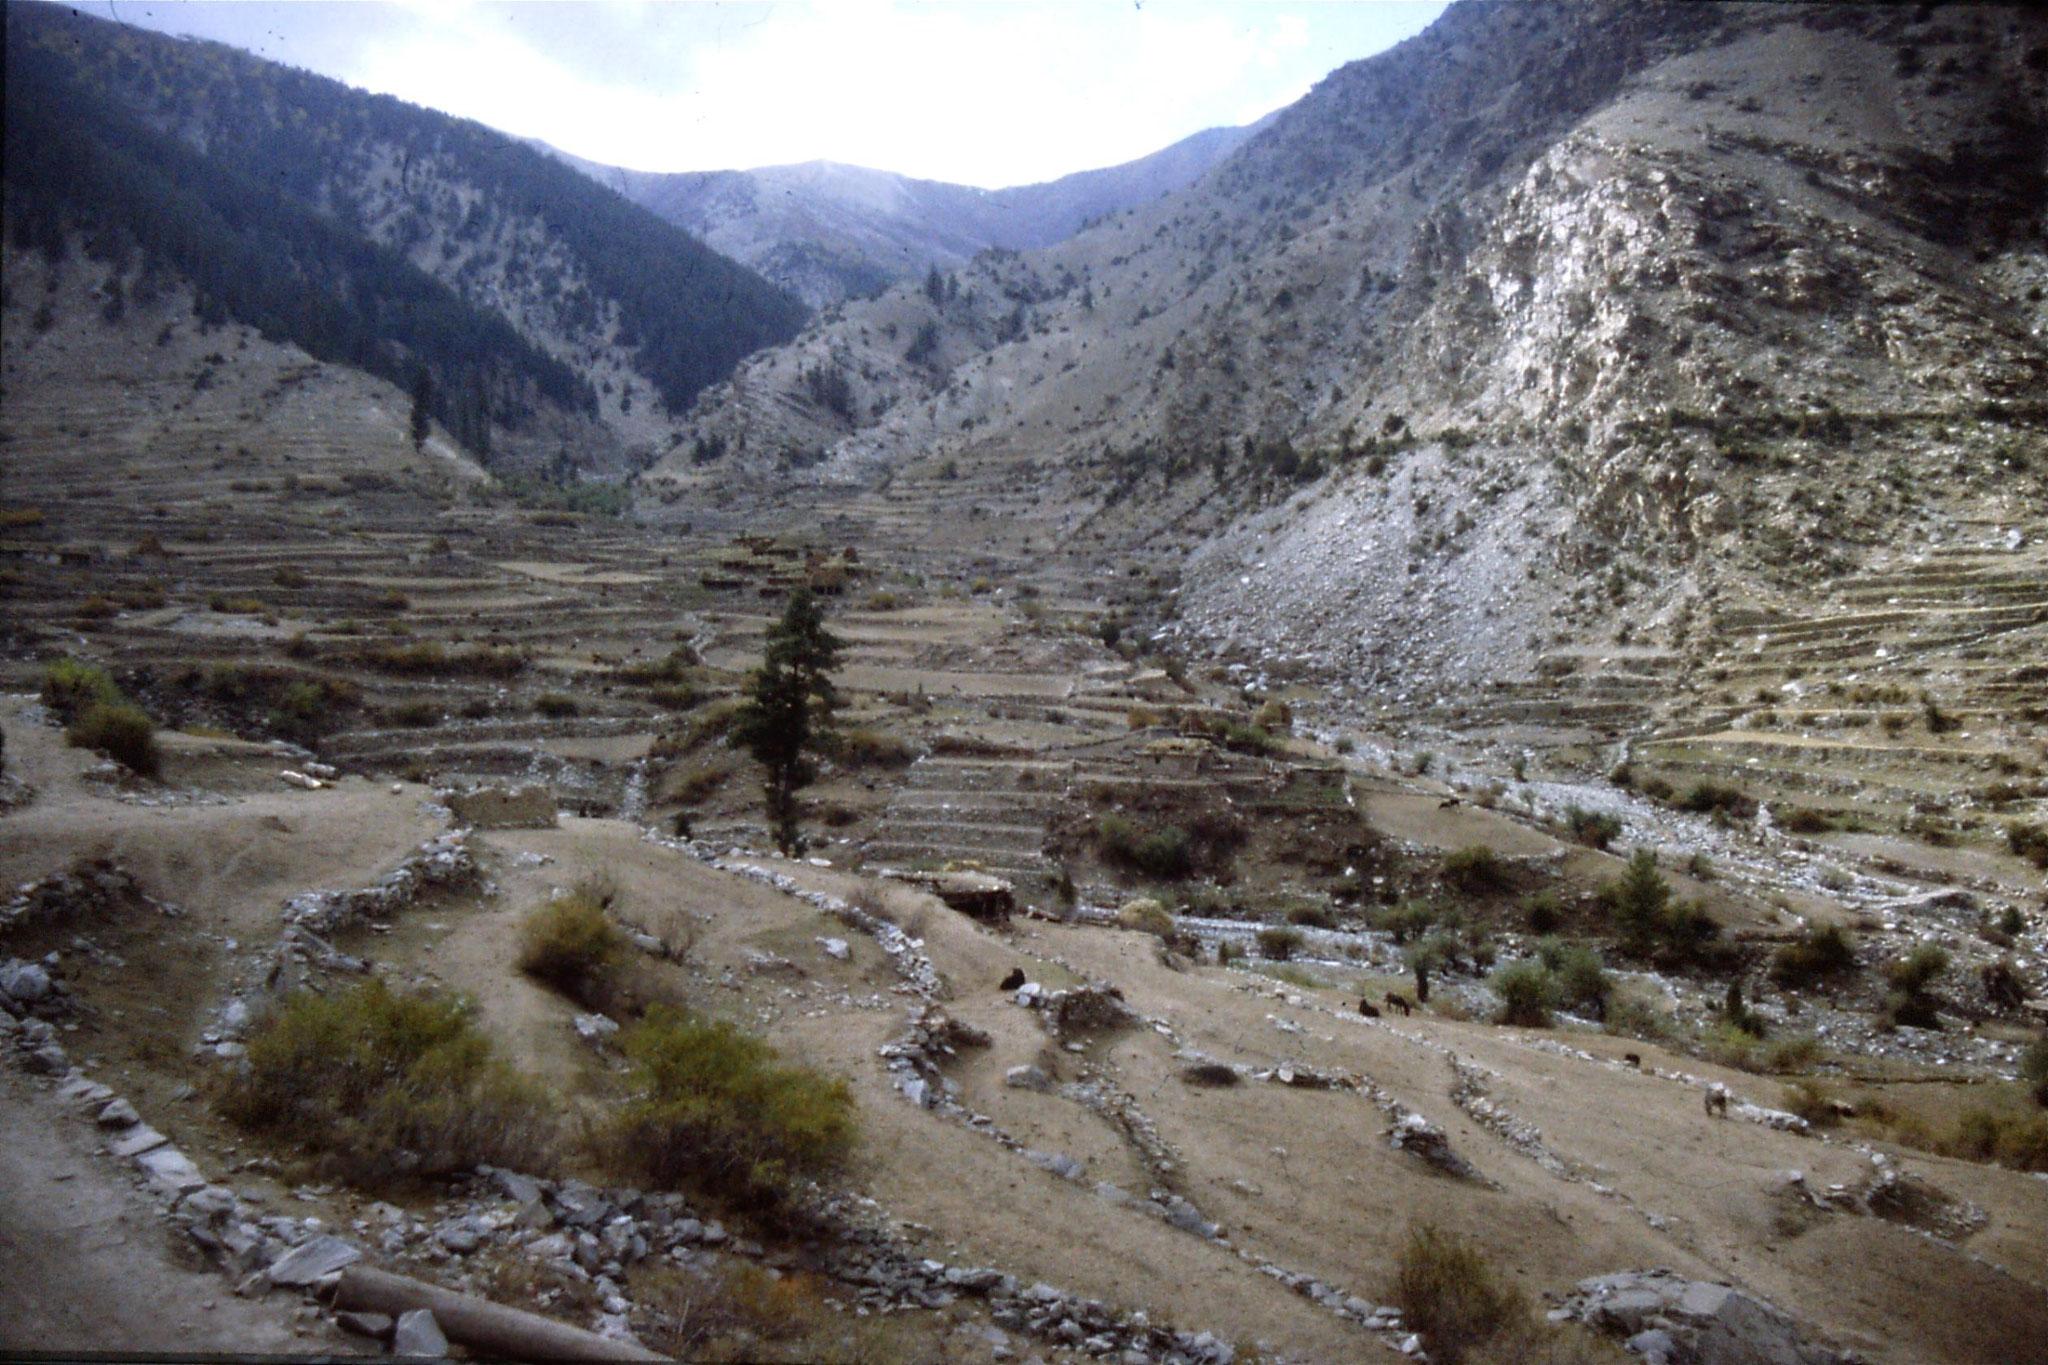 6/10/1989: 35: Babusar village